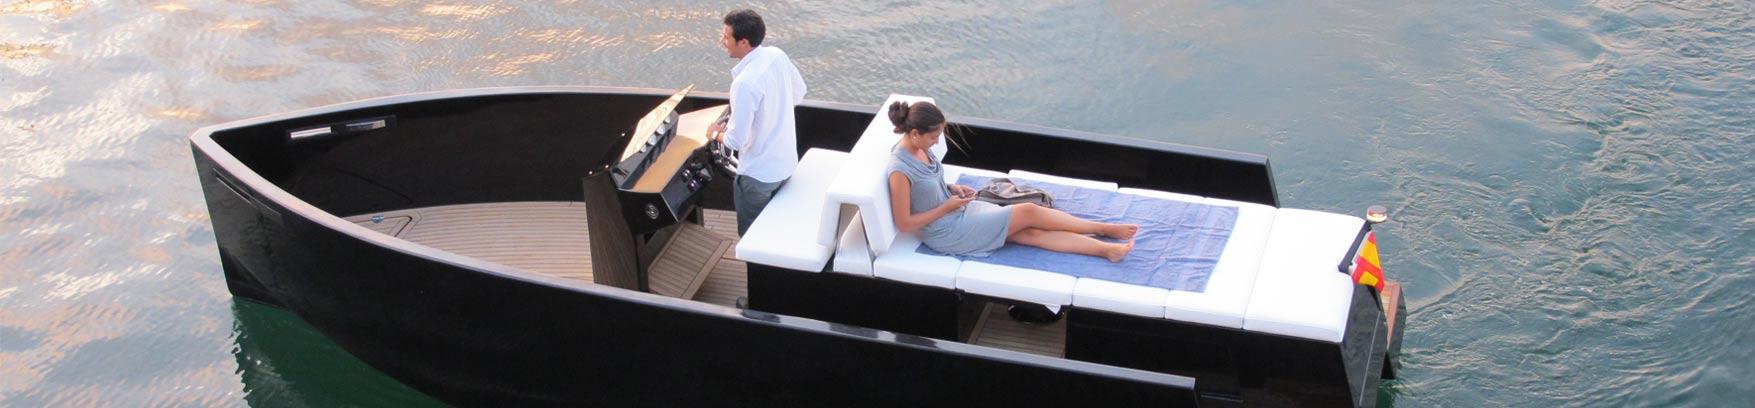 de-antonios-yachts-mallorca